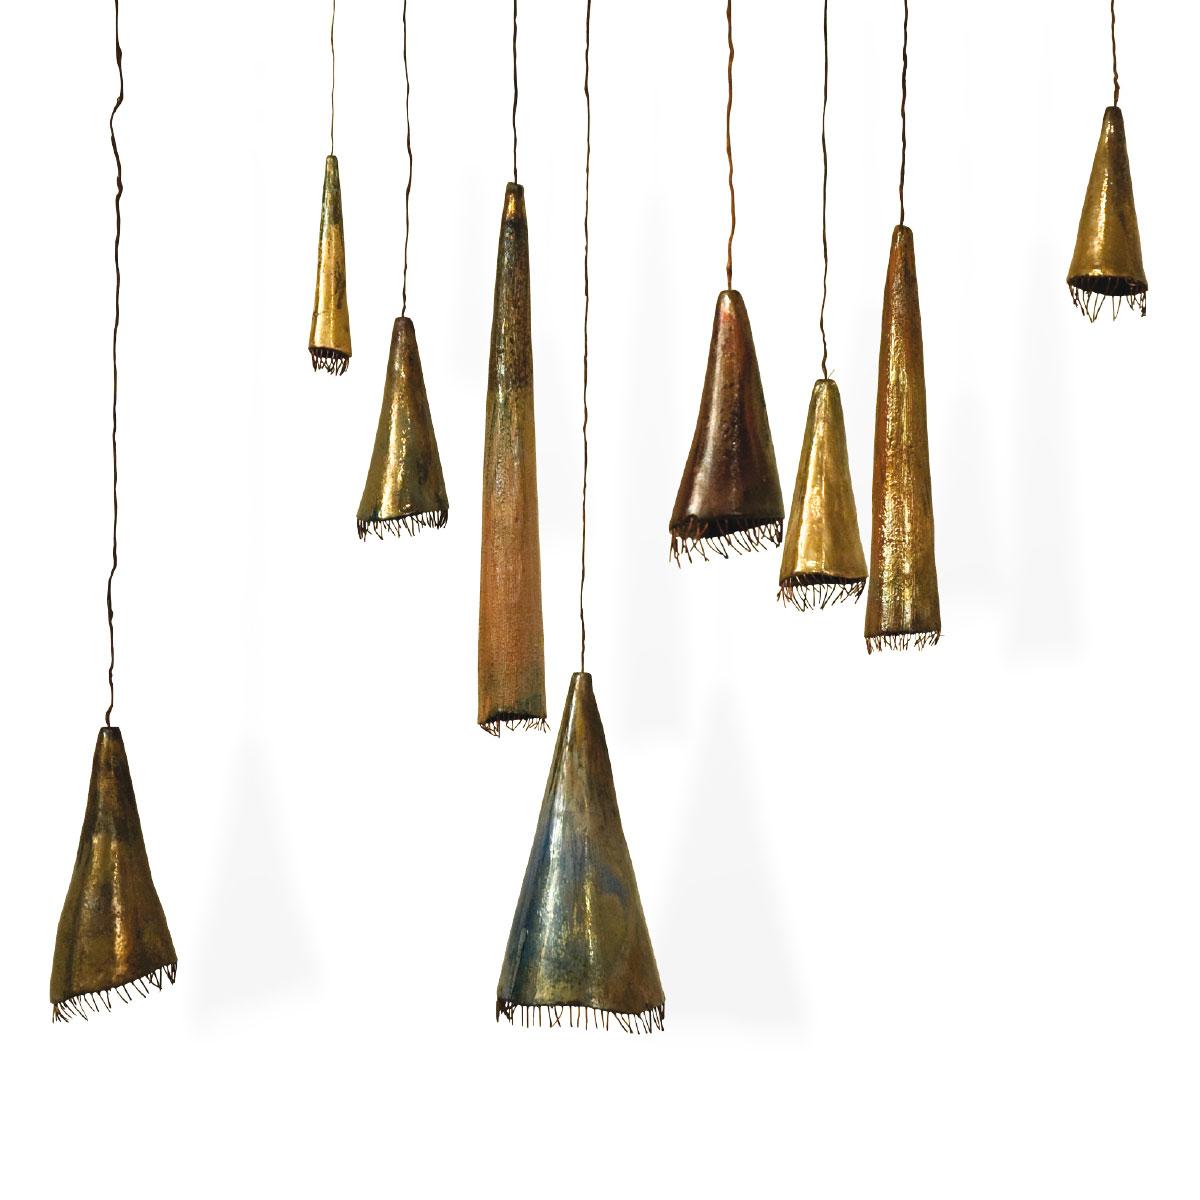 L'opera dell'artista Renza Laura Sciutto acquisita dal Museo a cielo aperto di Denice, dedicato alla ceramica contemporanea